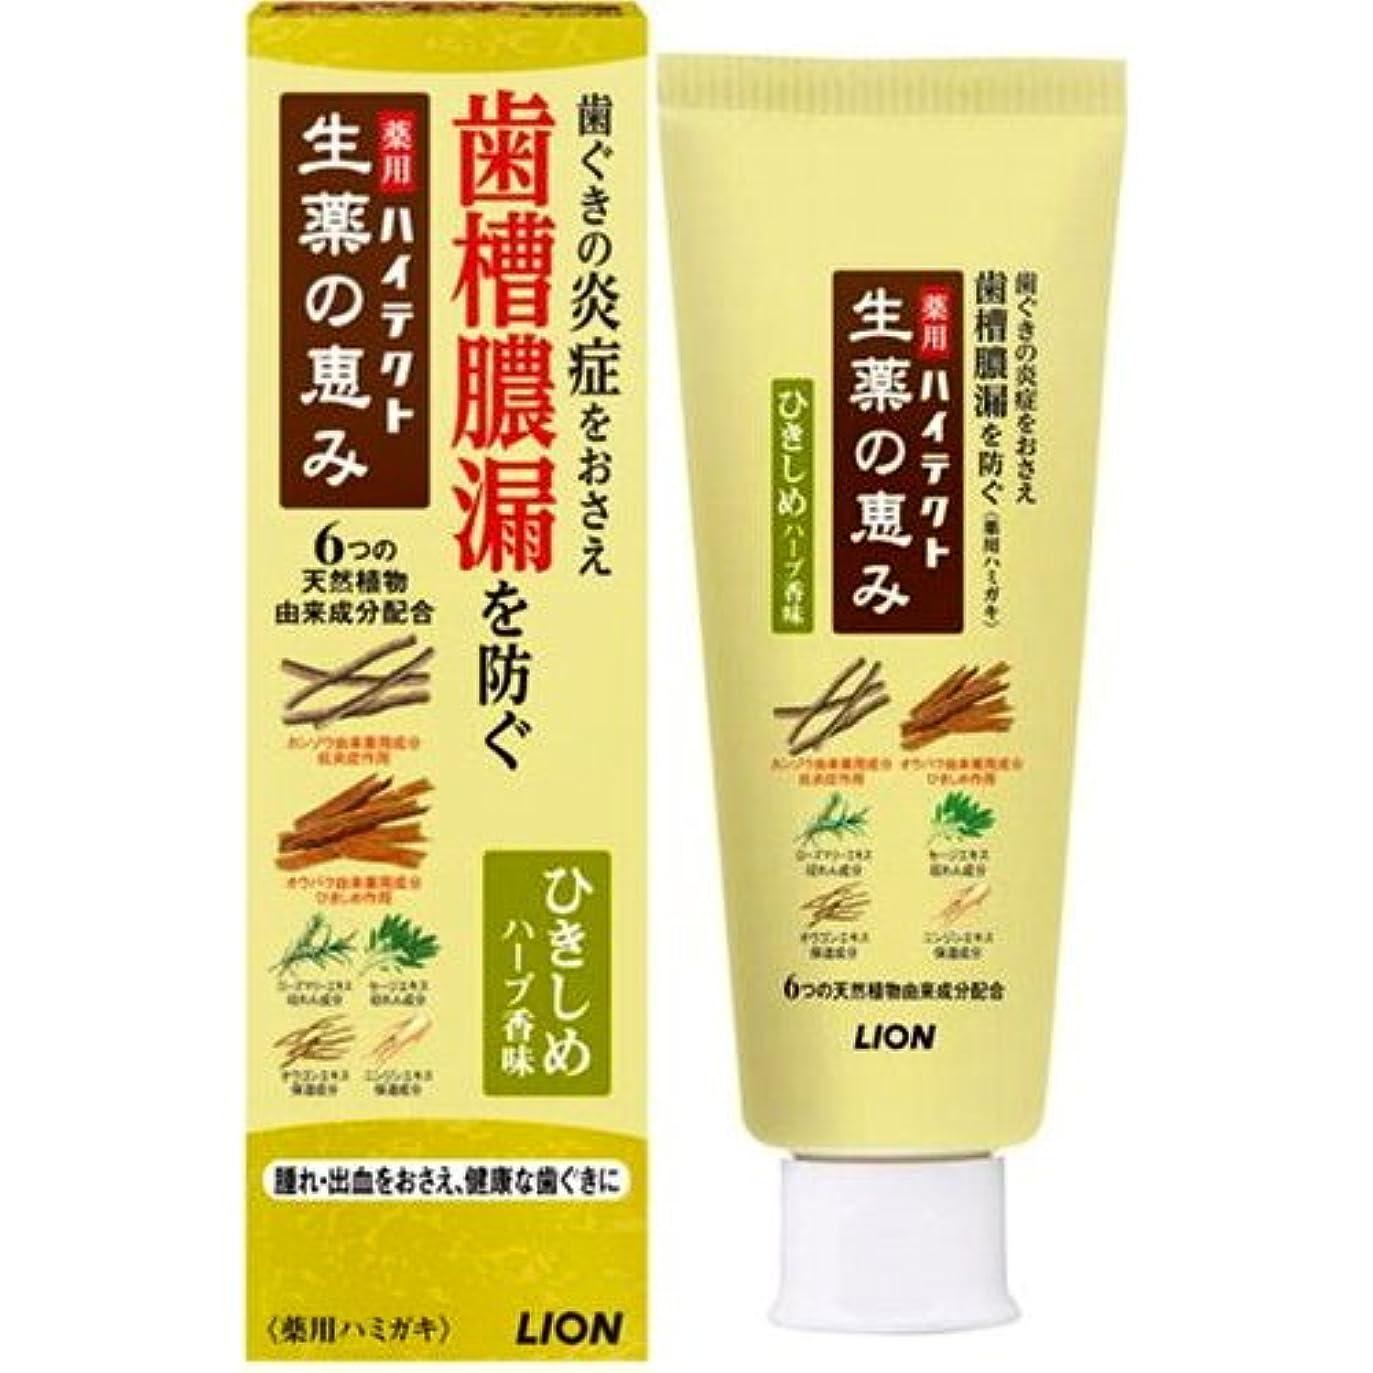 再生将来のフリッパー【ライオン】ハイテクト 生薬の恵み ひきしめハーブ香味 90g ×3個セット